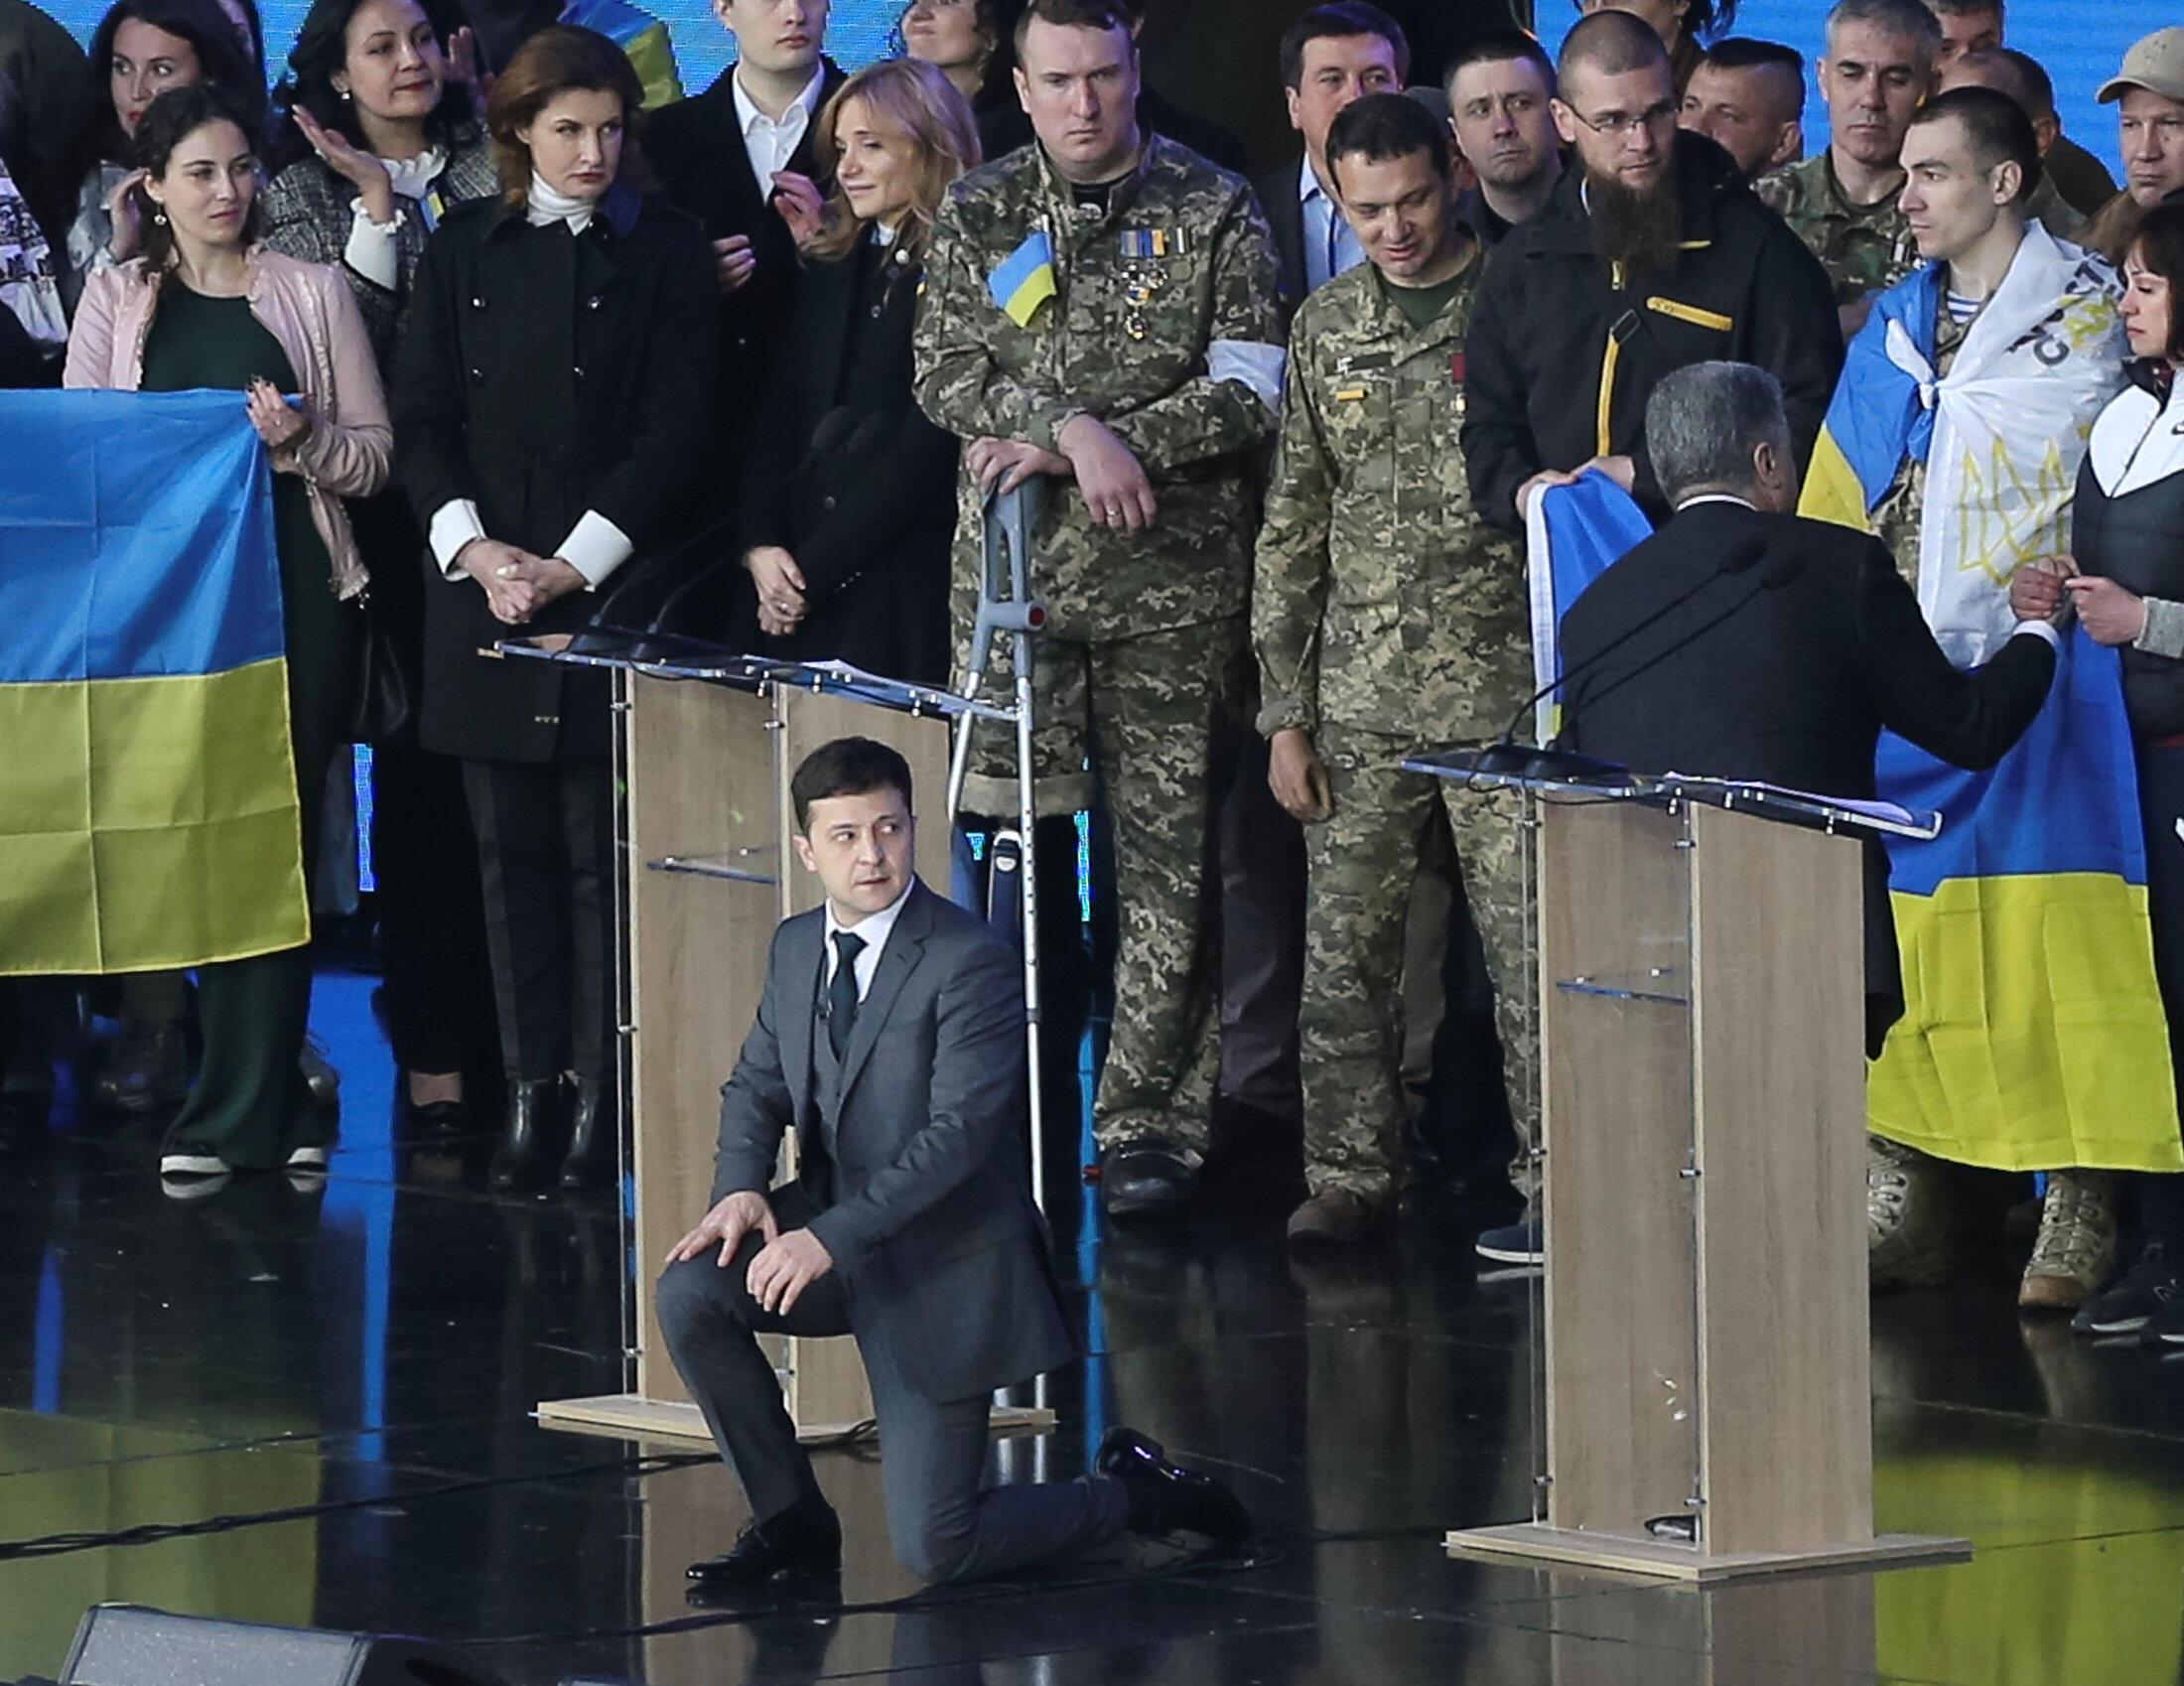 Во время дебатов Зеленский и Порошенко встали на колени в знак уважения к родственникам погибших на Донбассе